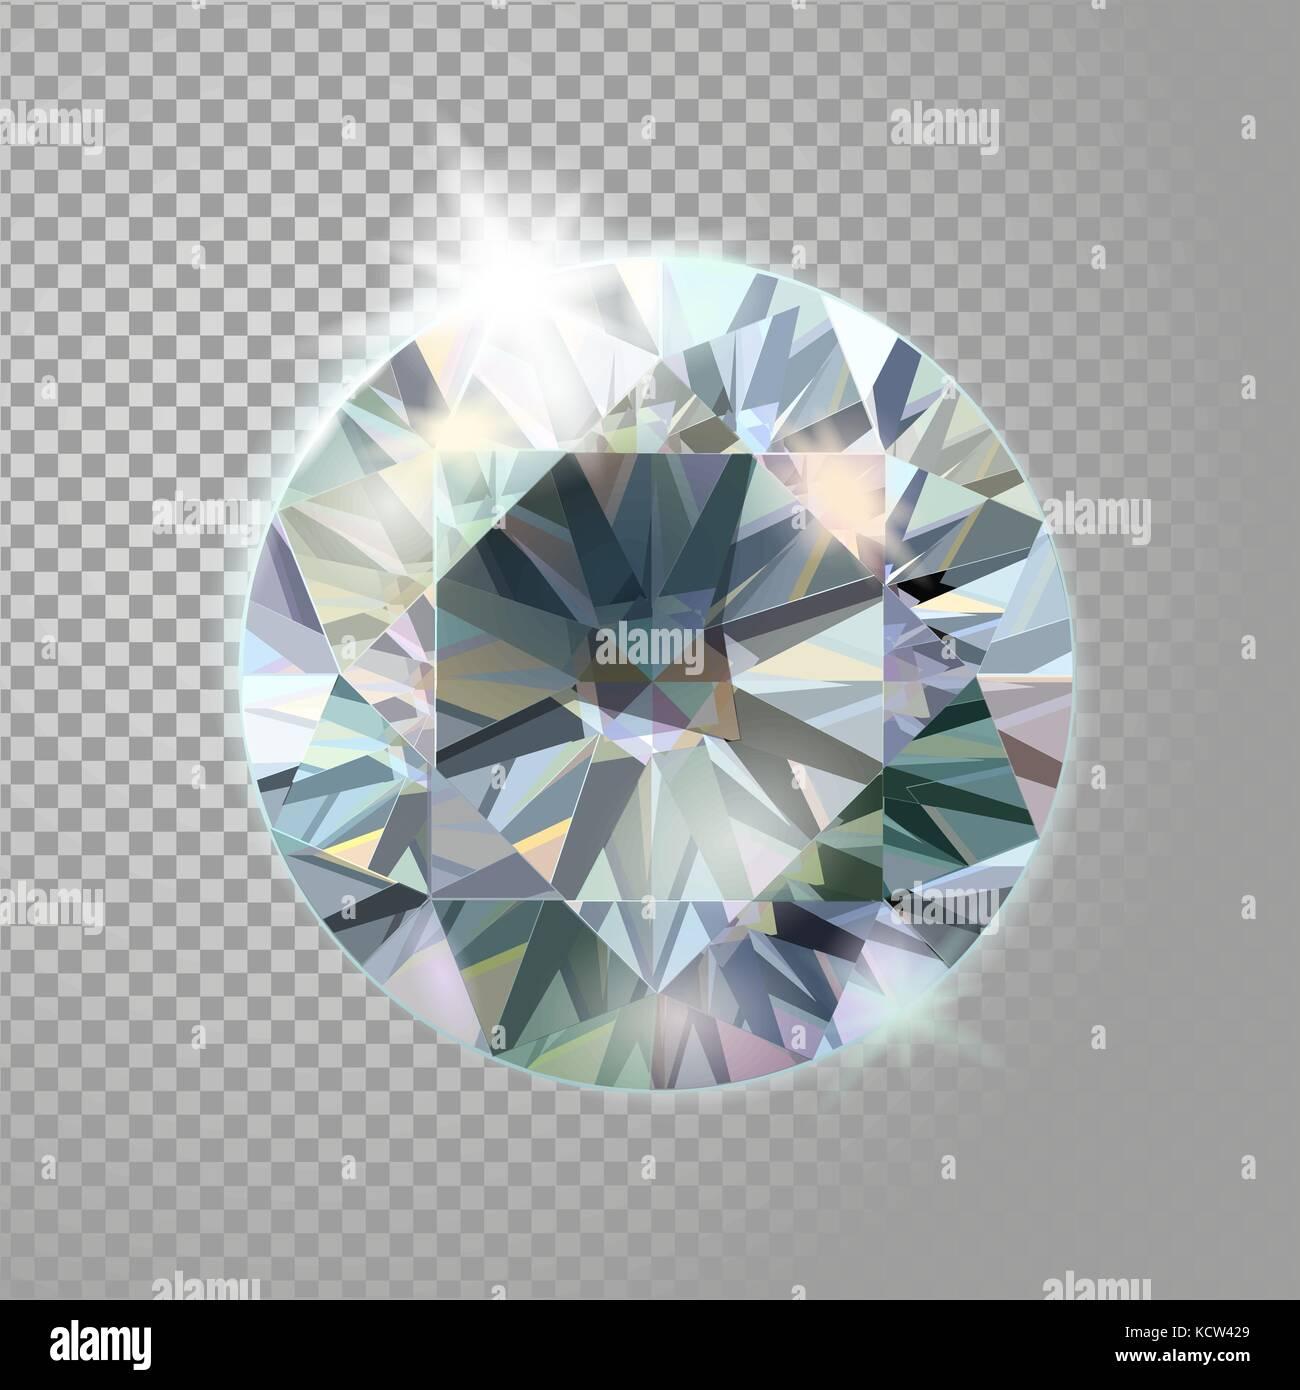 91a2d7e32432 Diamante de cristal brillante joya joyas piedras preciosas. realista 3D  detallada ilustración vectorial sobre fondo transparente